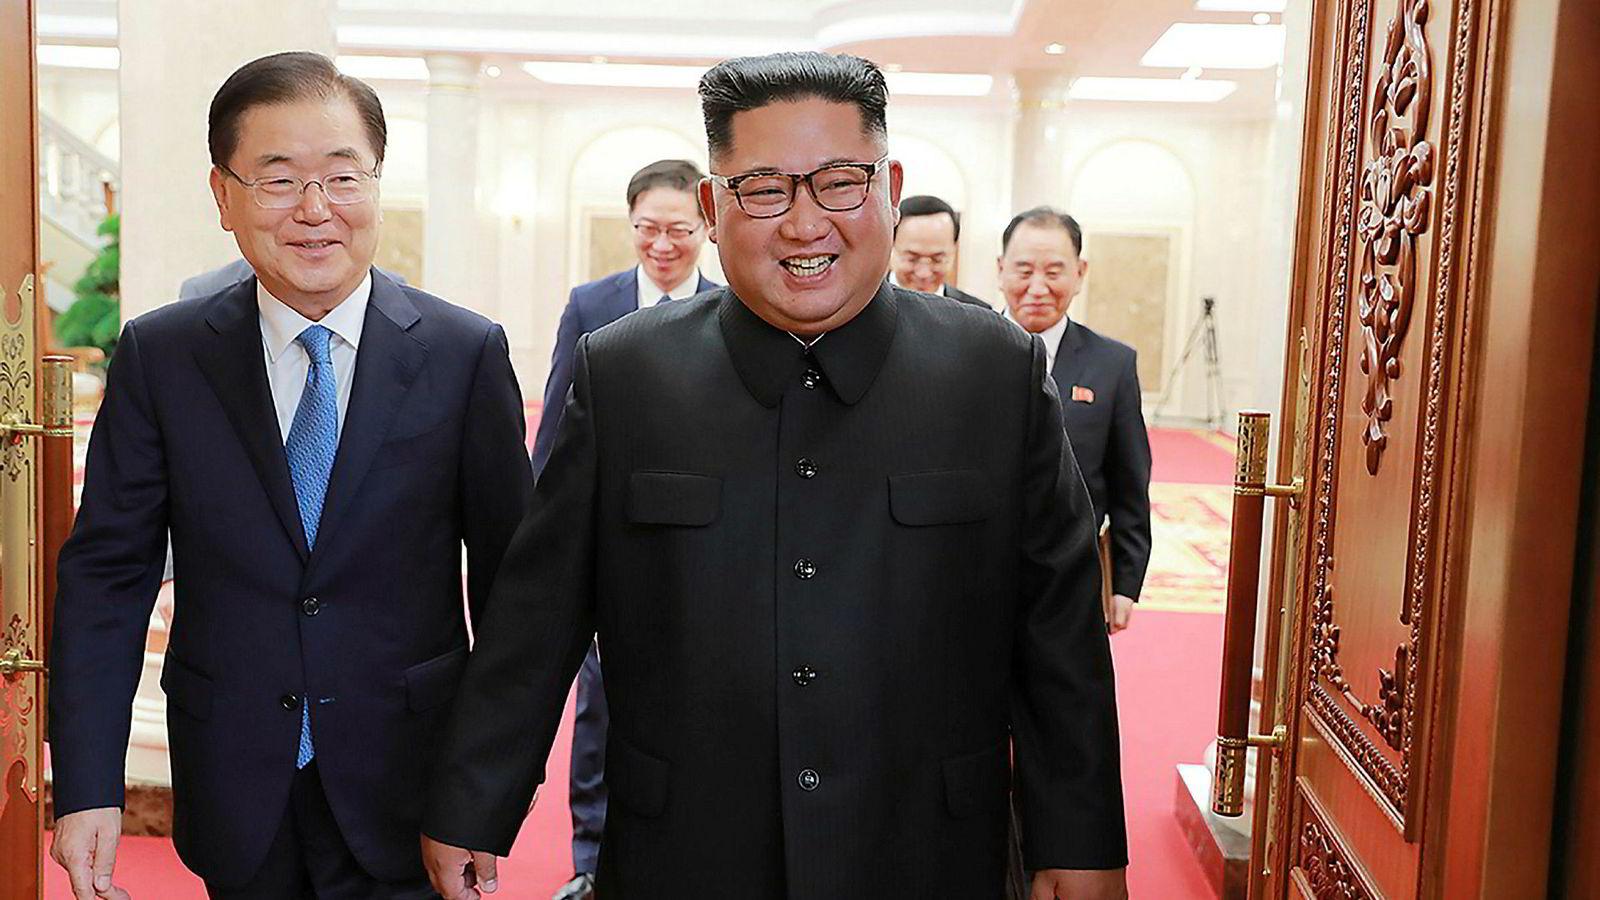 Nord-Koreas leder Kim Jong-un (til høyre) og Sør-Koreas president Moon Jae-in (venstre) er enige om å møtes  senere denne måneden for å diskutere atomnedrustning. Bildet er tatt fra et møte mellom de to tirsdagfra et tidligere møte